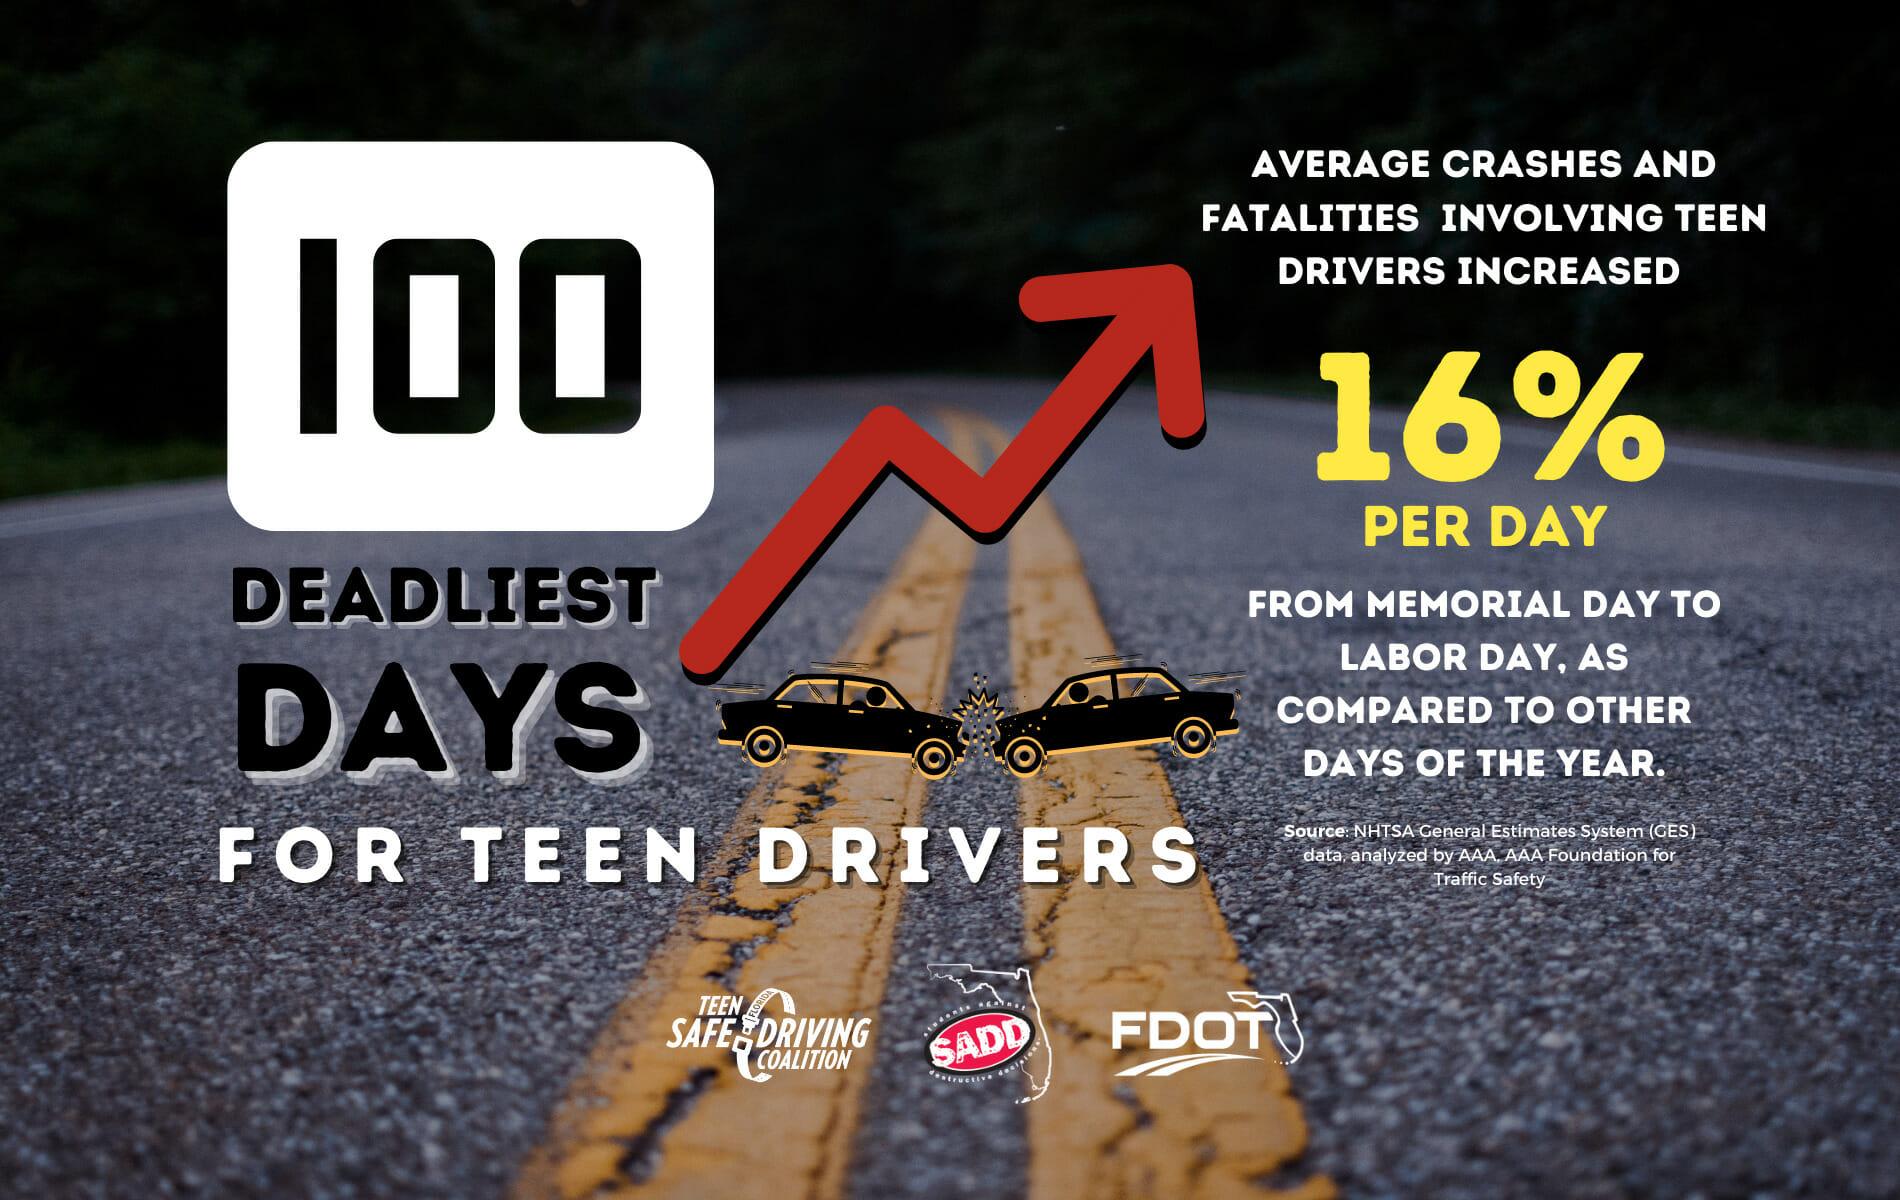 100 Deadliest Days for Teen Drivers